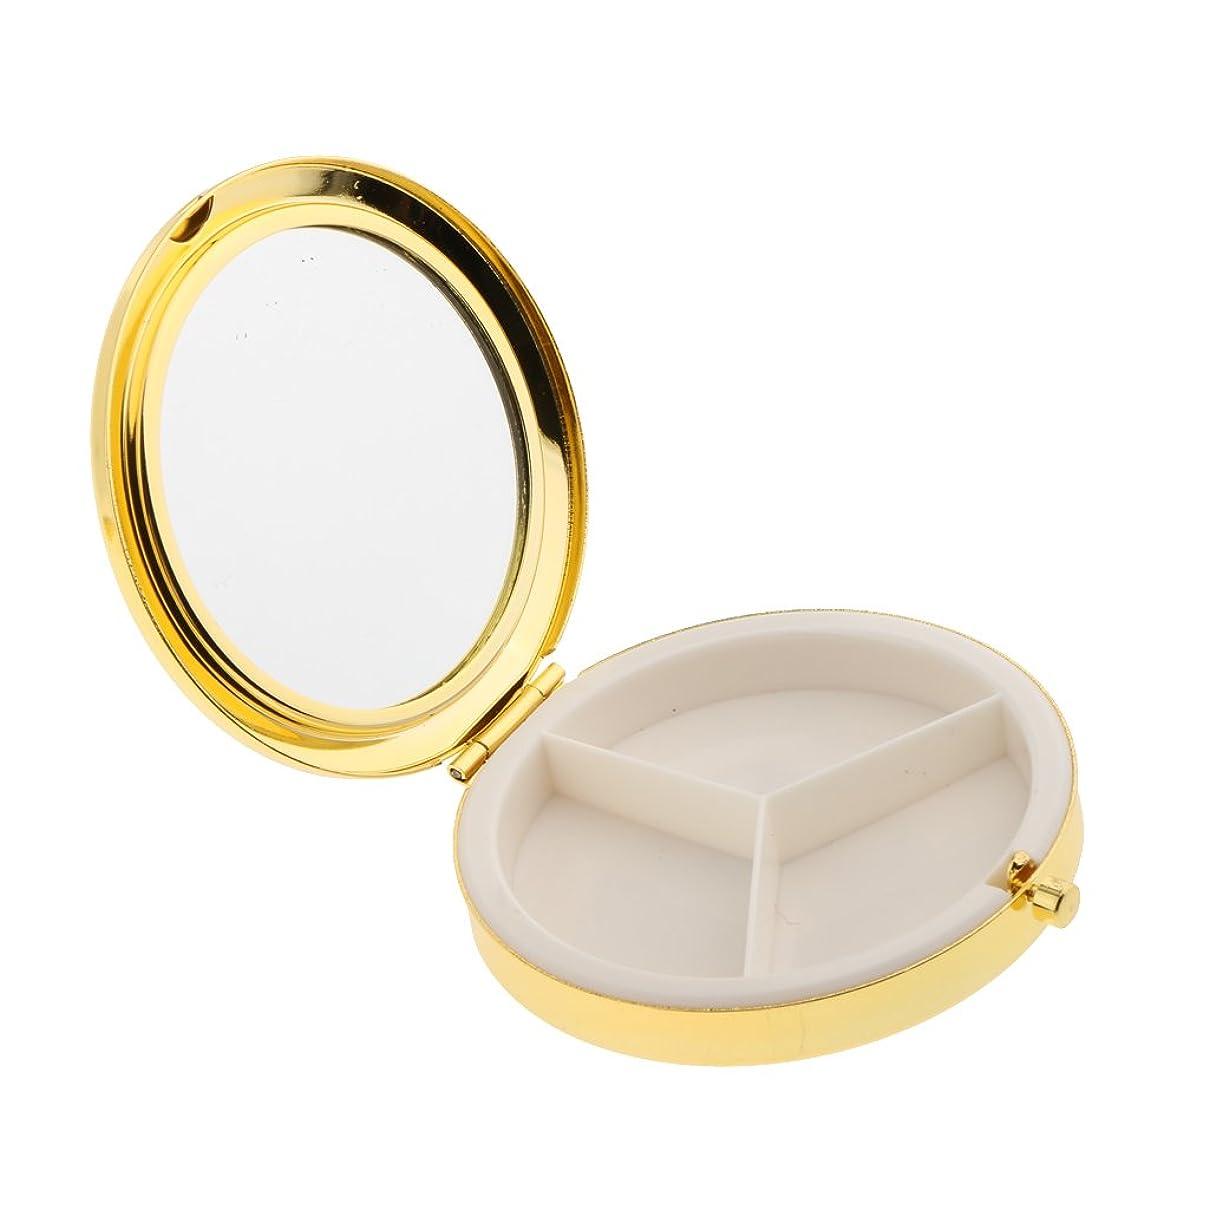 アクセスできないブラウザ混合したchiwanji ポータブルビタミンオーガナイザー医学タブレット収納ボックス化粧鏡ゴールド